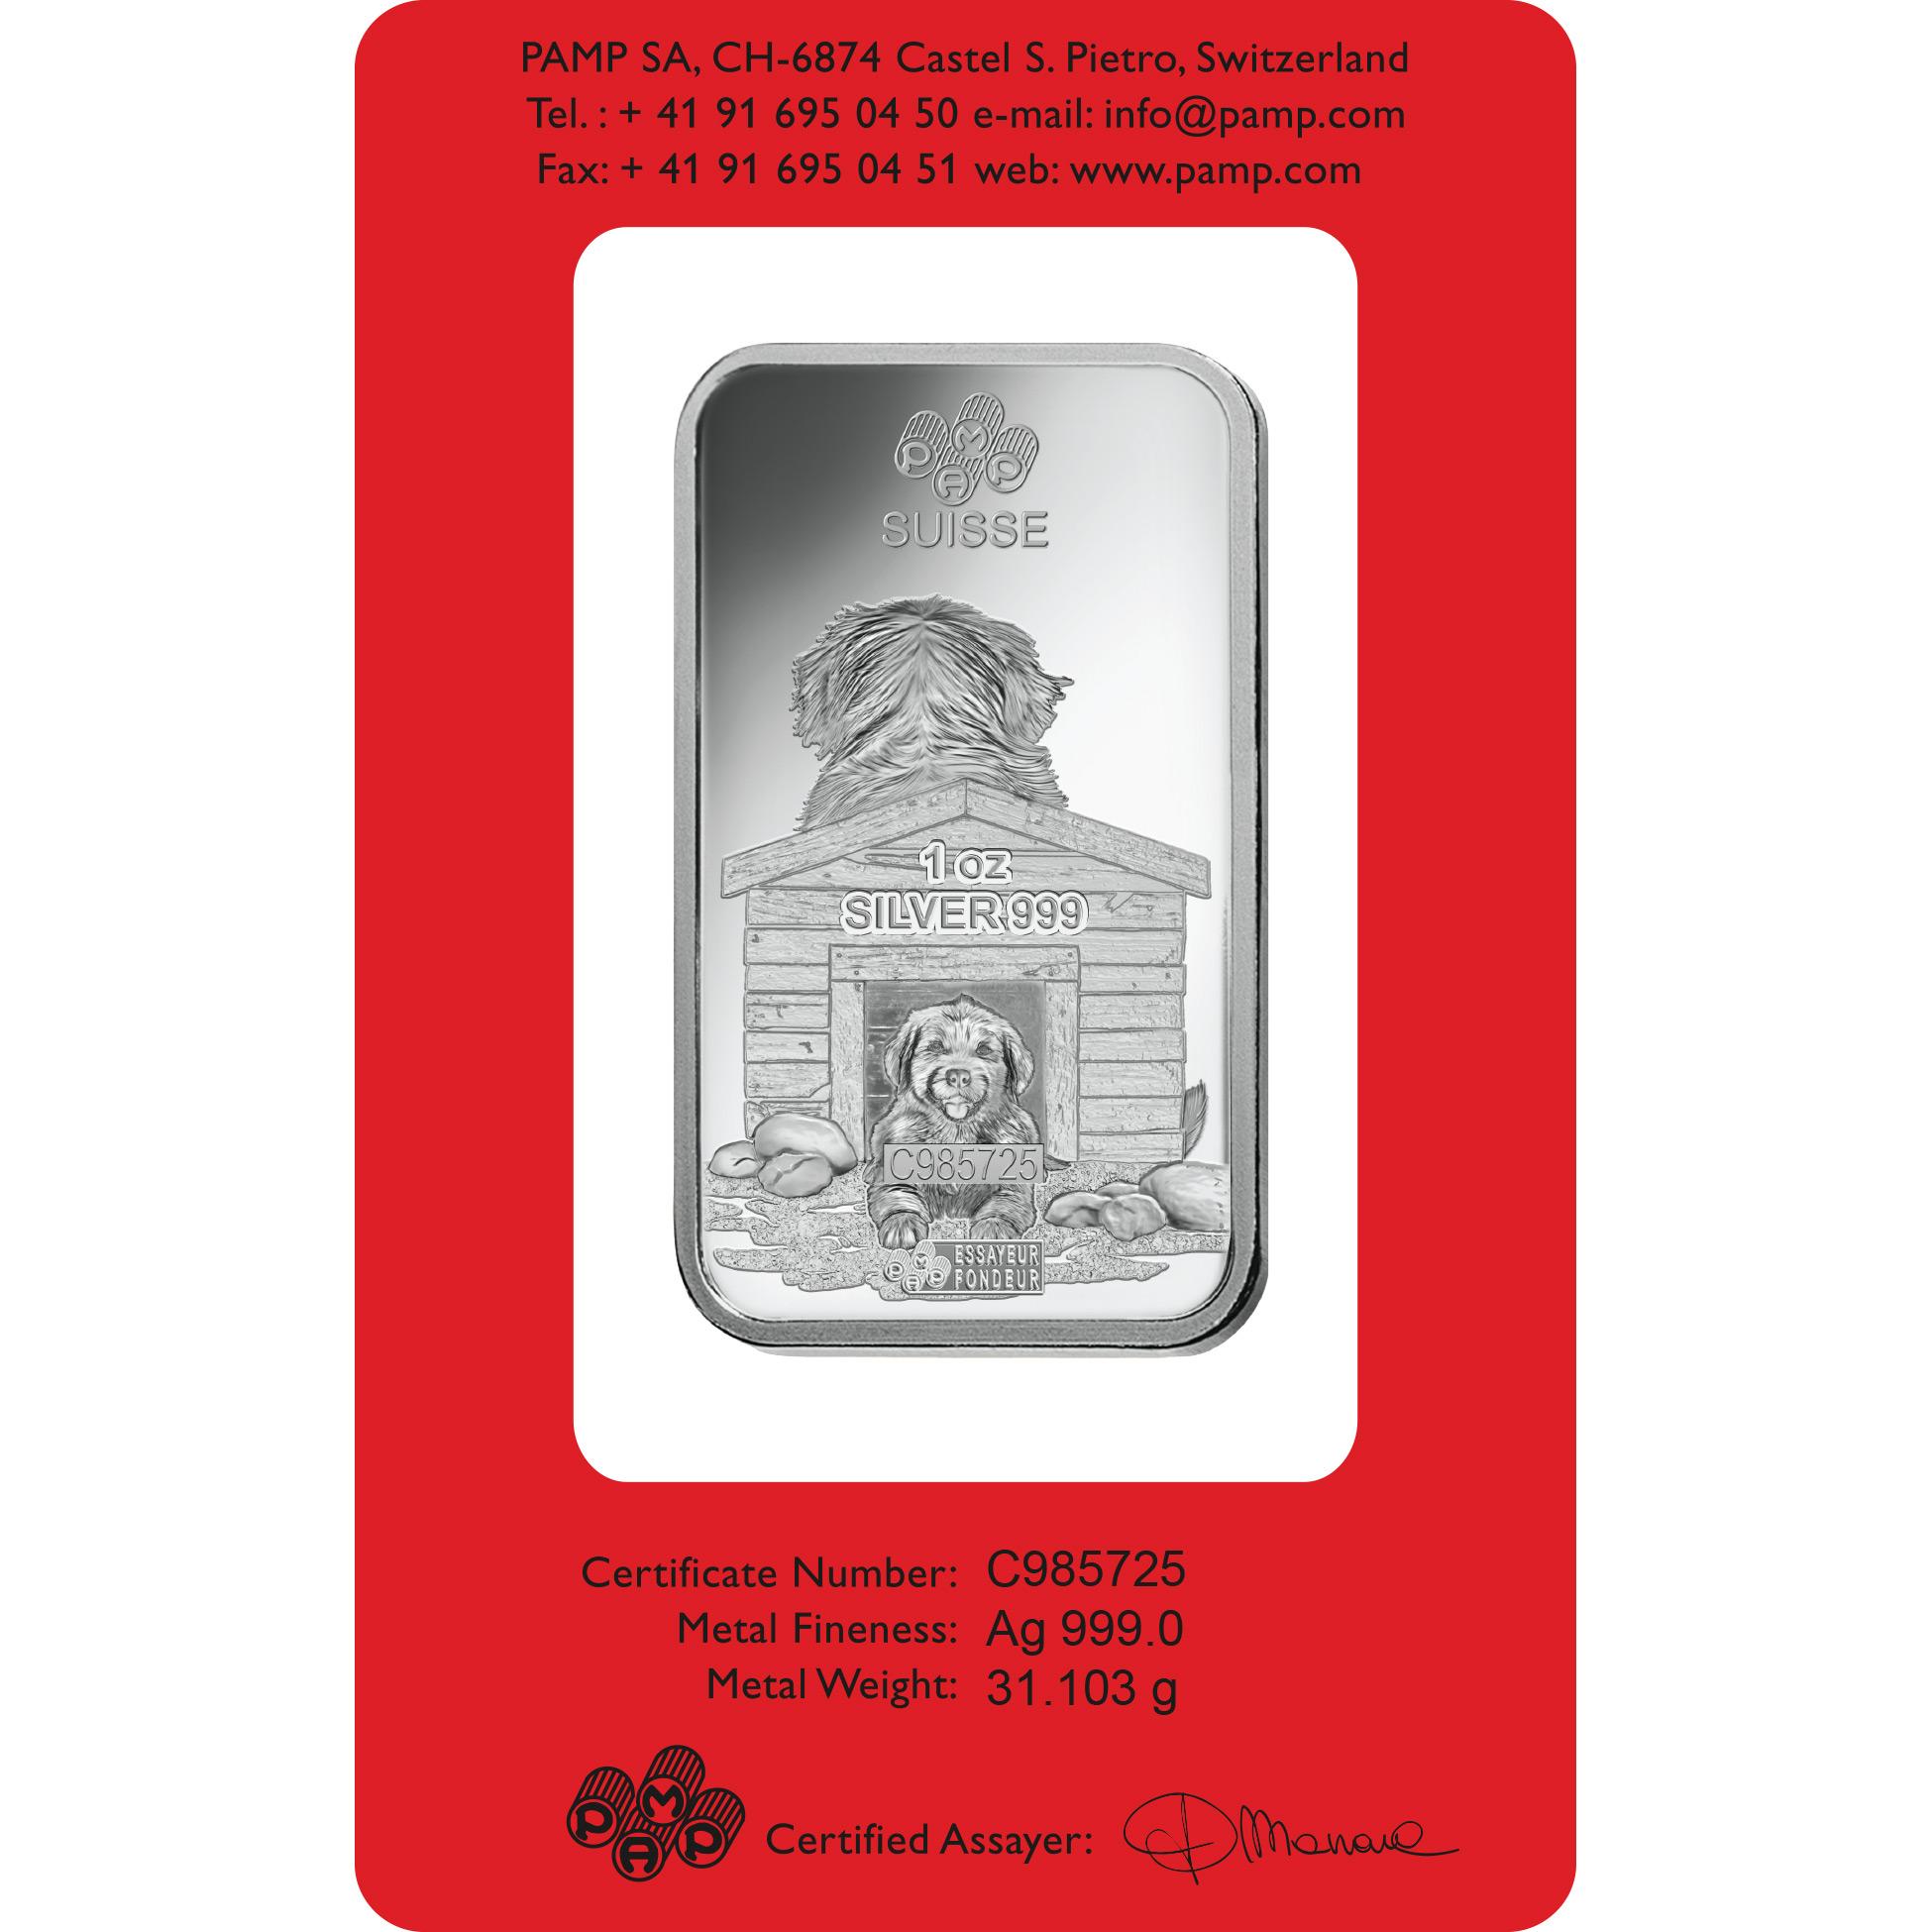 1 oncia lingottino d'argento - PAMP Suisse Cane Lunare